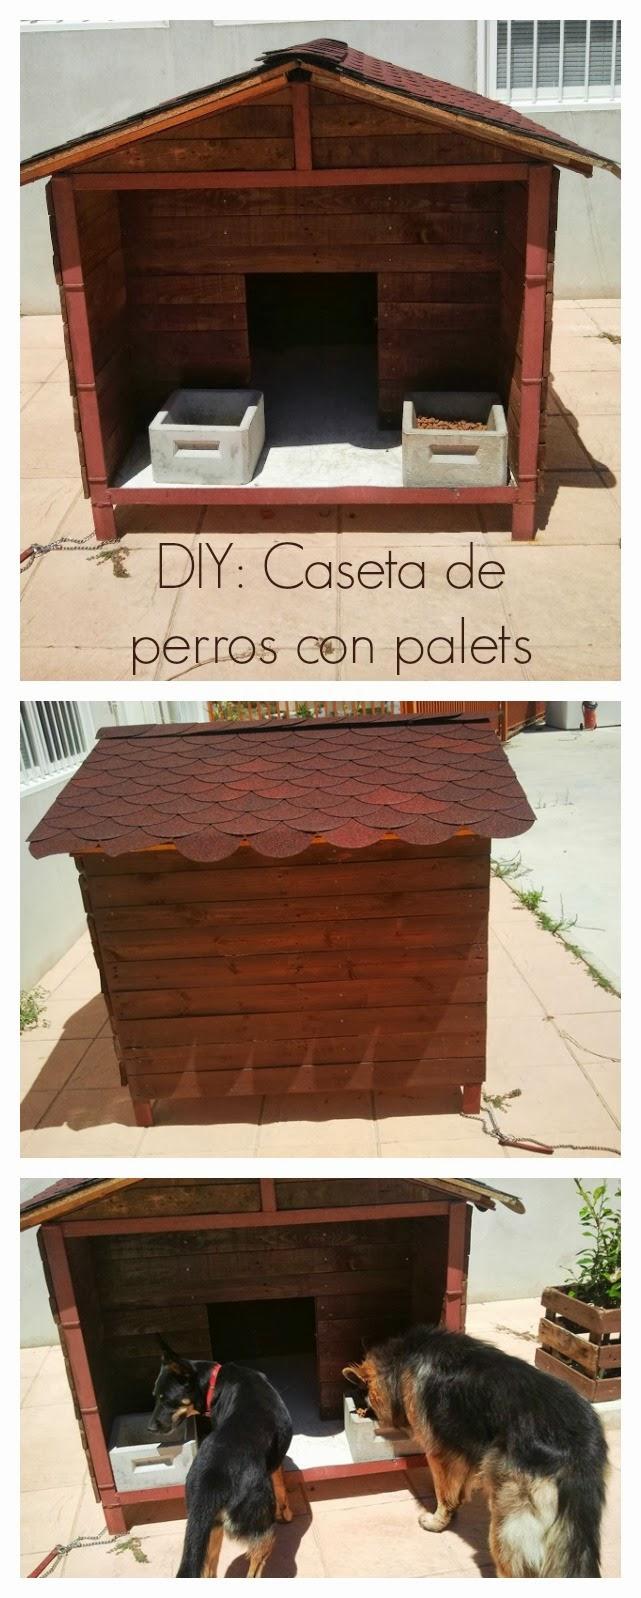 Diy c mo hacer una caseta de perros con palets decoracion - Como hacer una caseta de obra ...